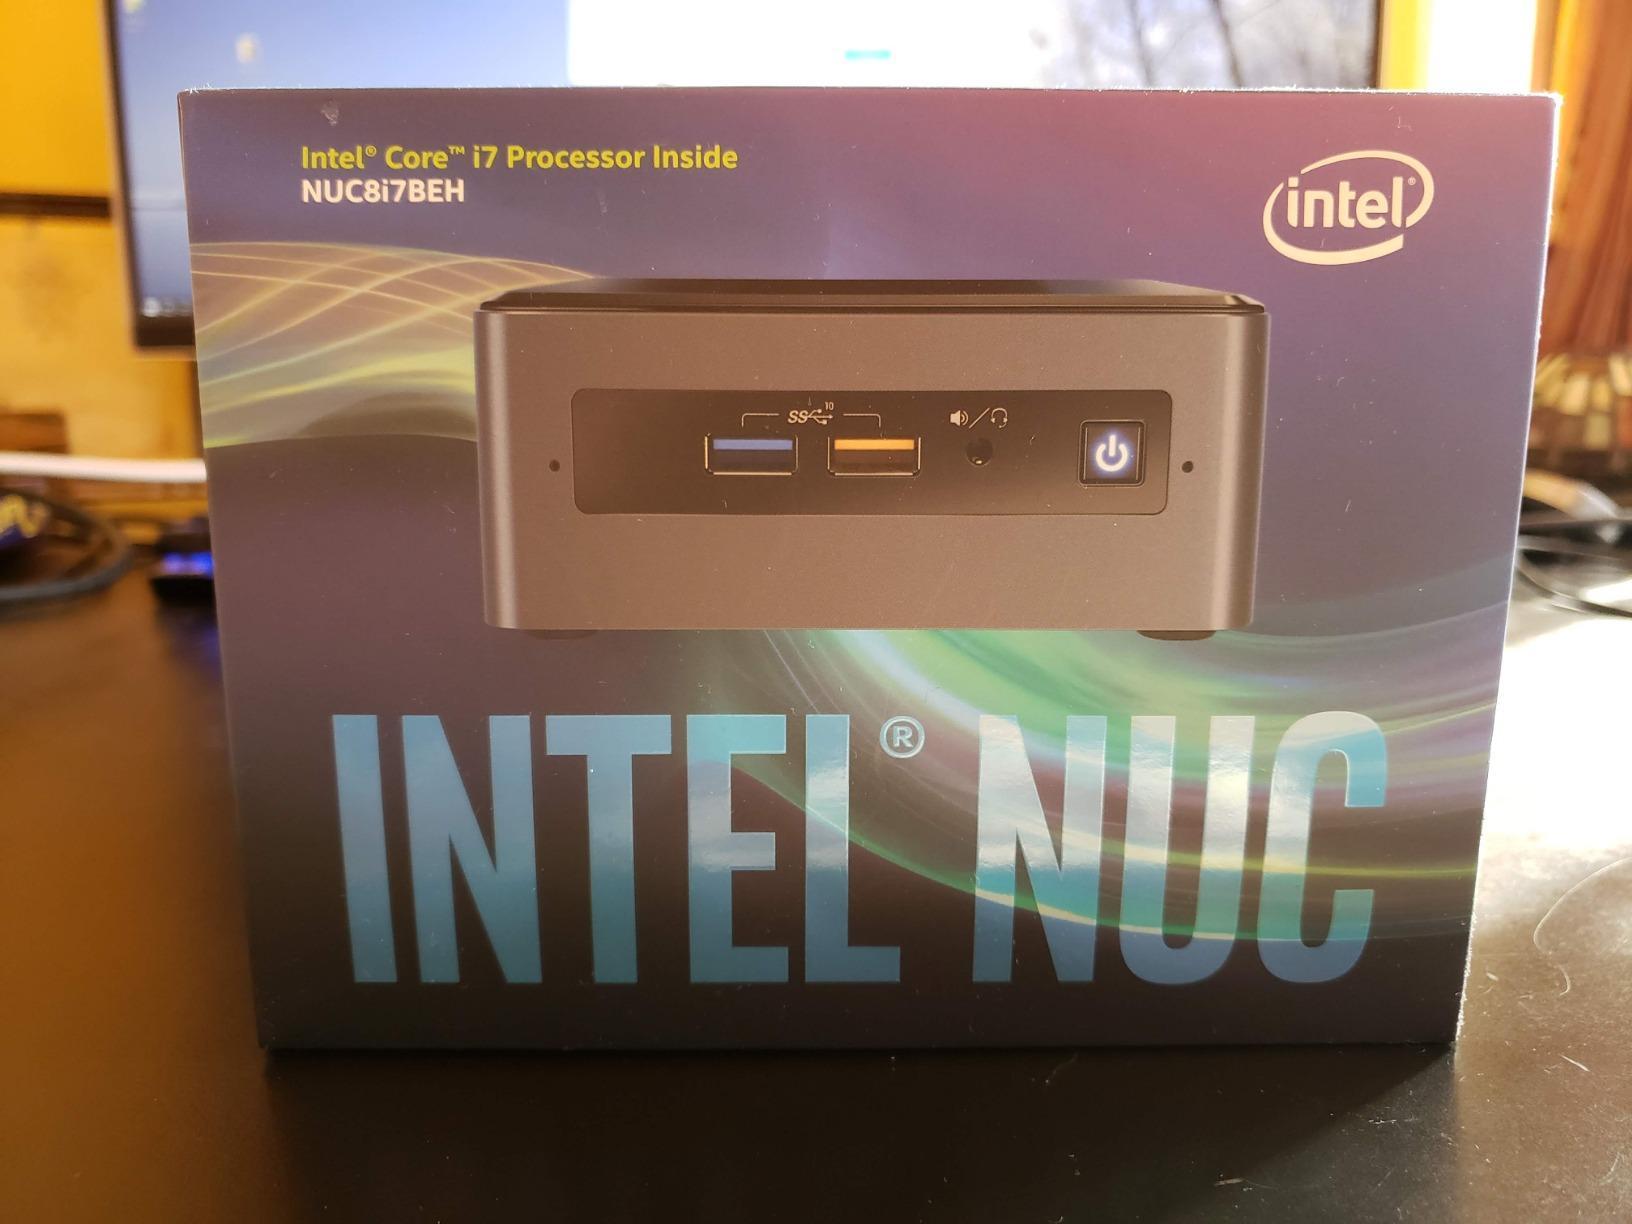 Intel NUC 8 Mainstream Kit (NUC8i3BEH) - Core i3, Tall, Add